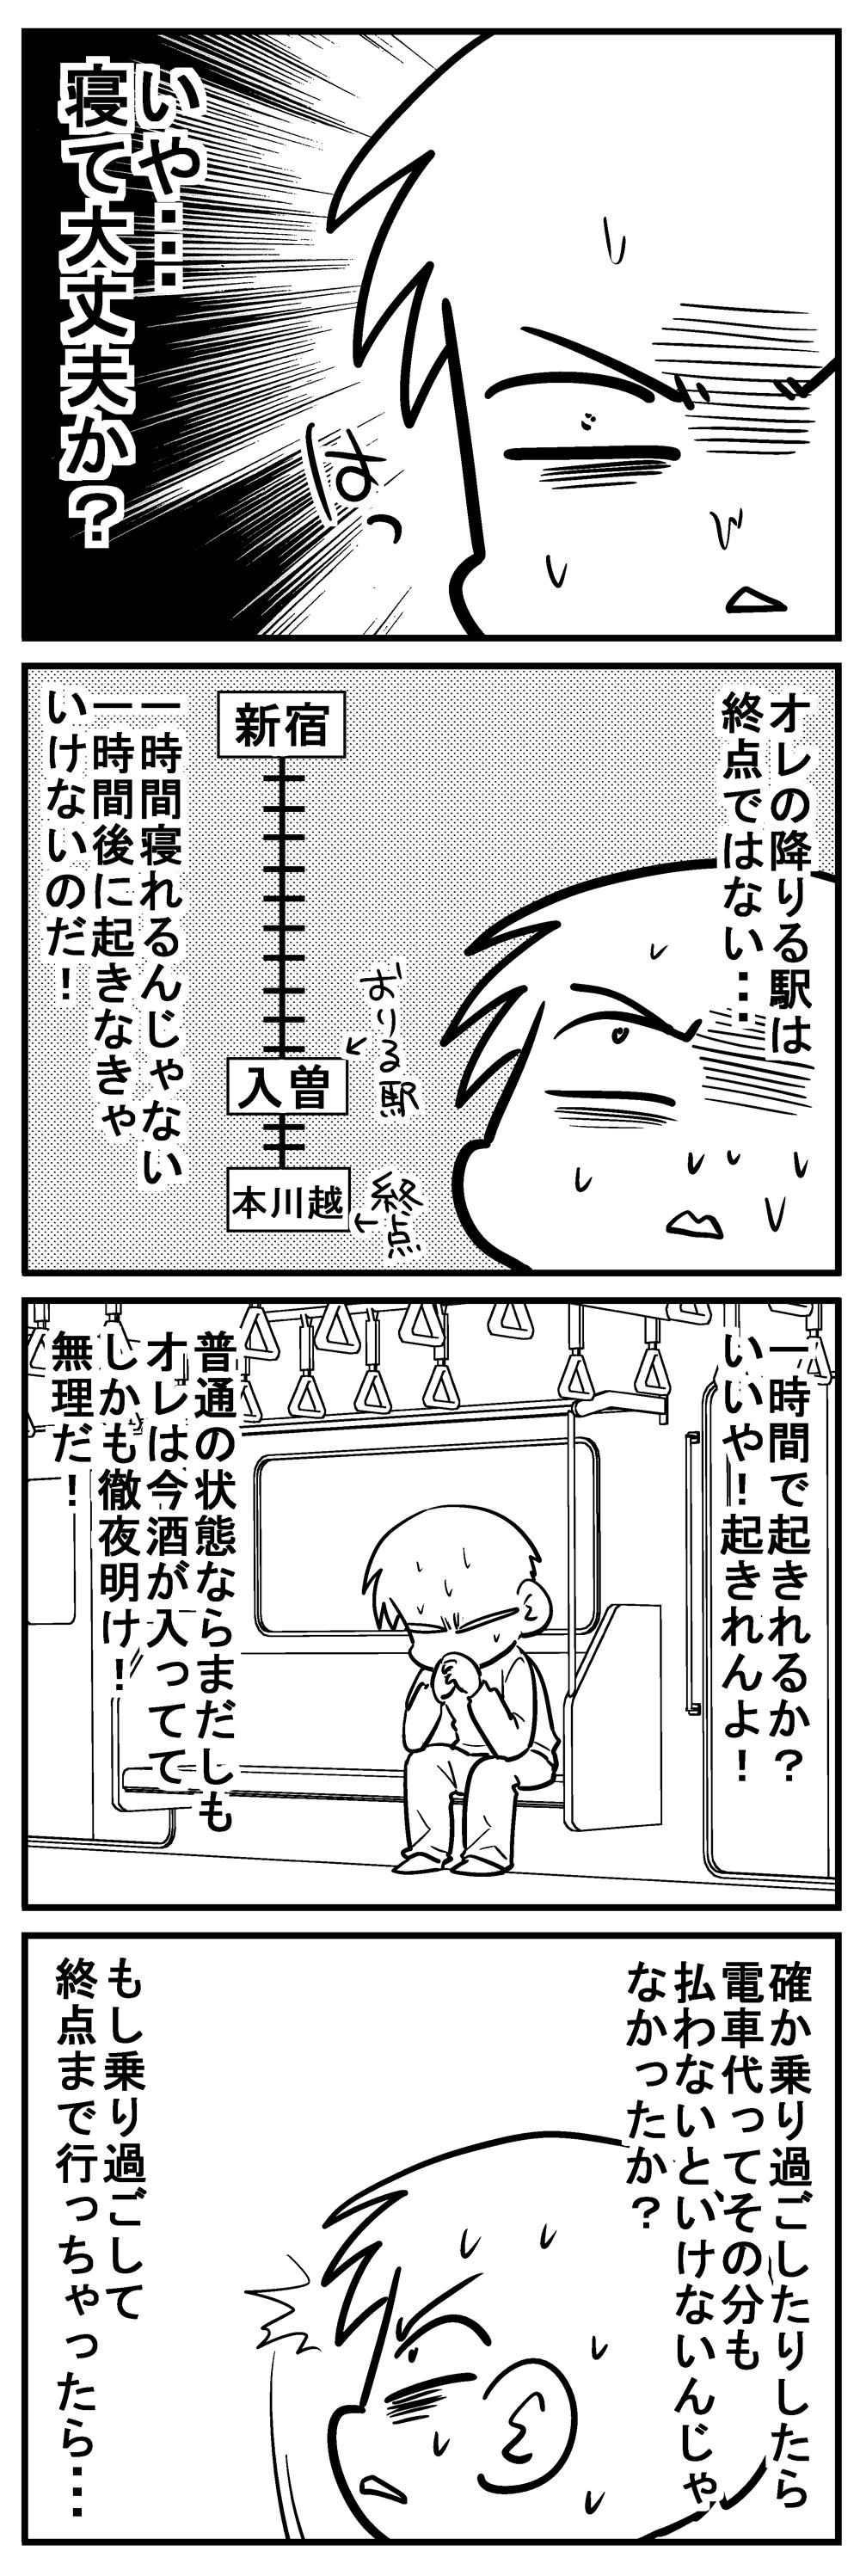 深読みくん117 2